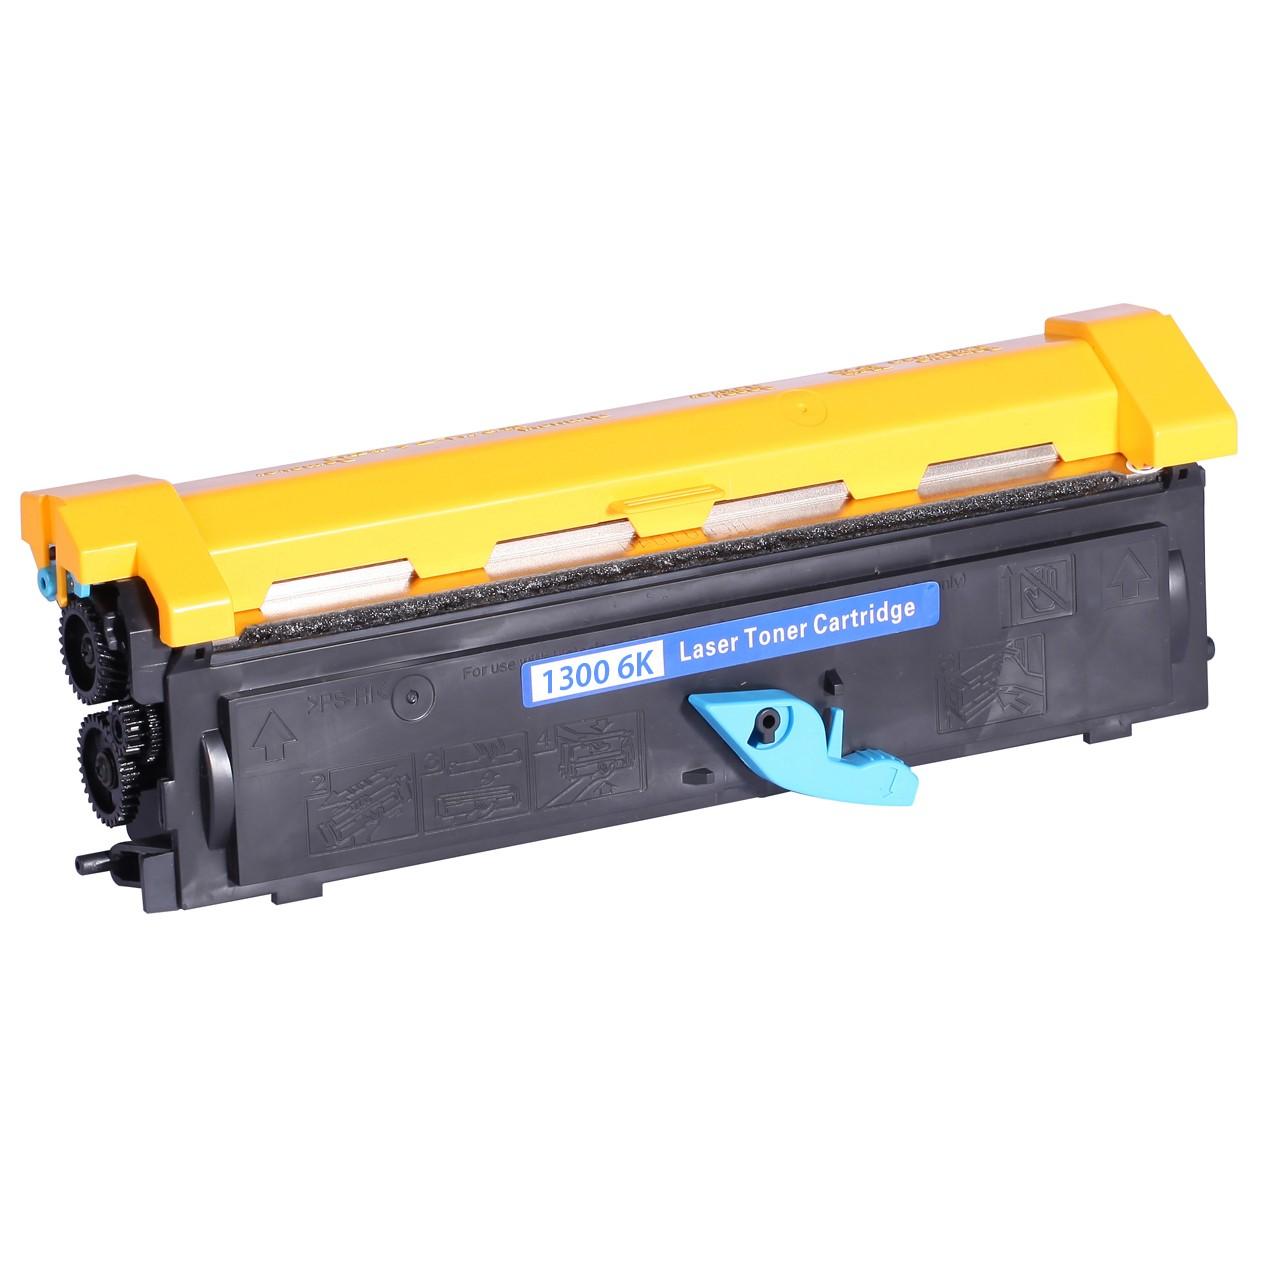 Minolta 1300 6K Lasertoner, sort, Kompatibel, 6000 sider